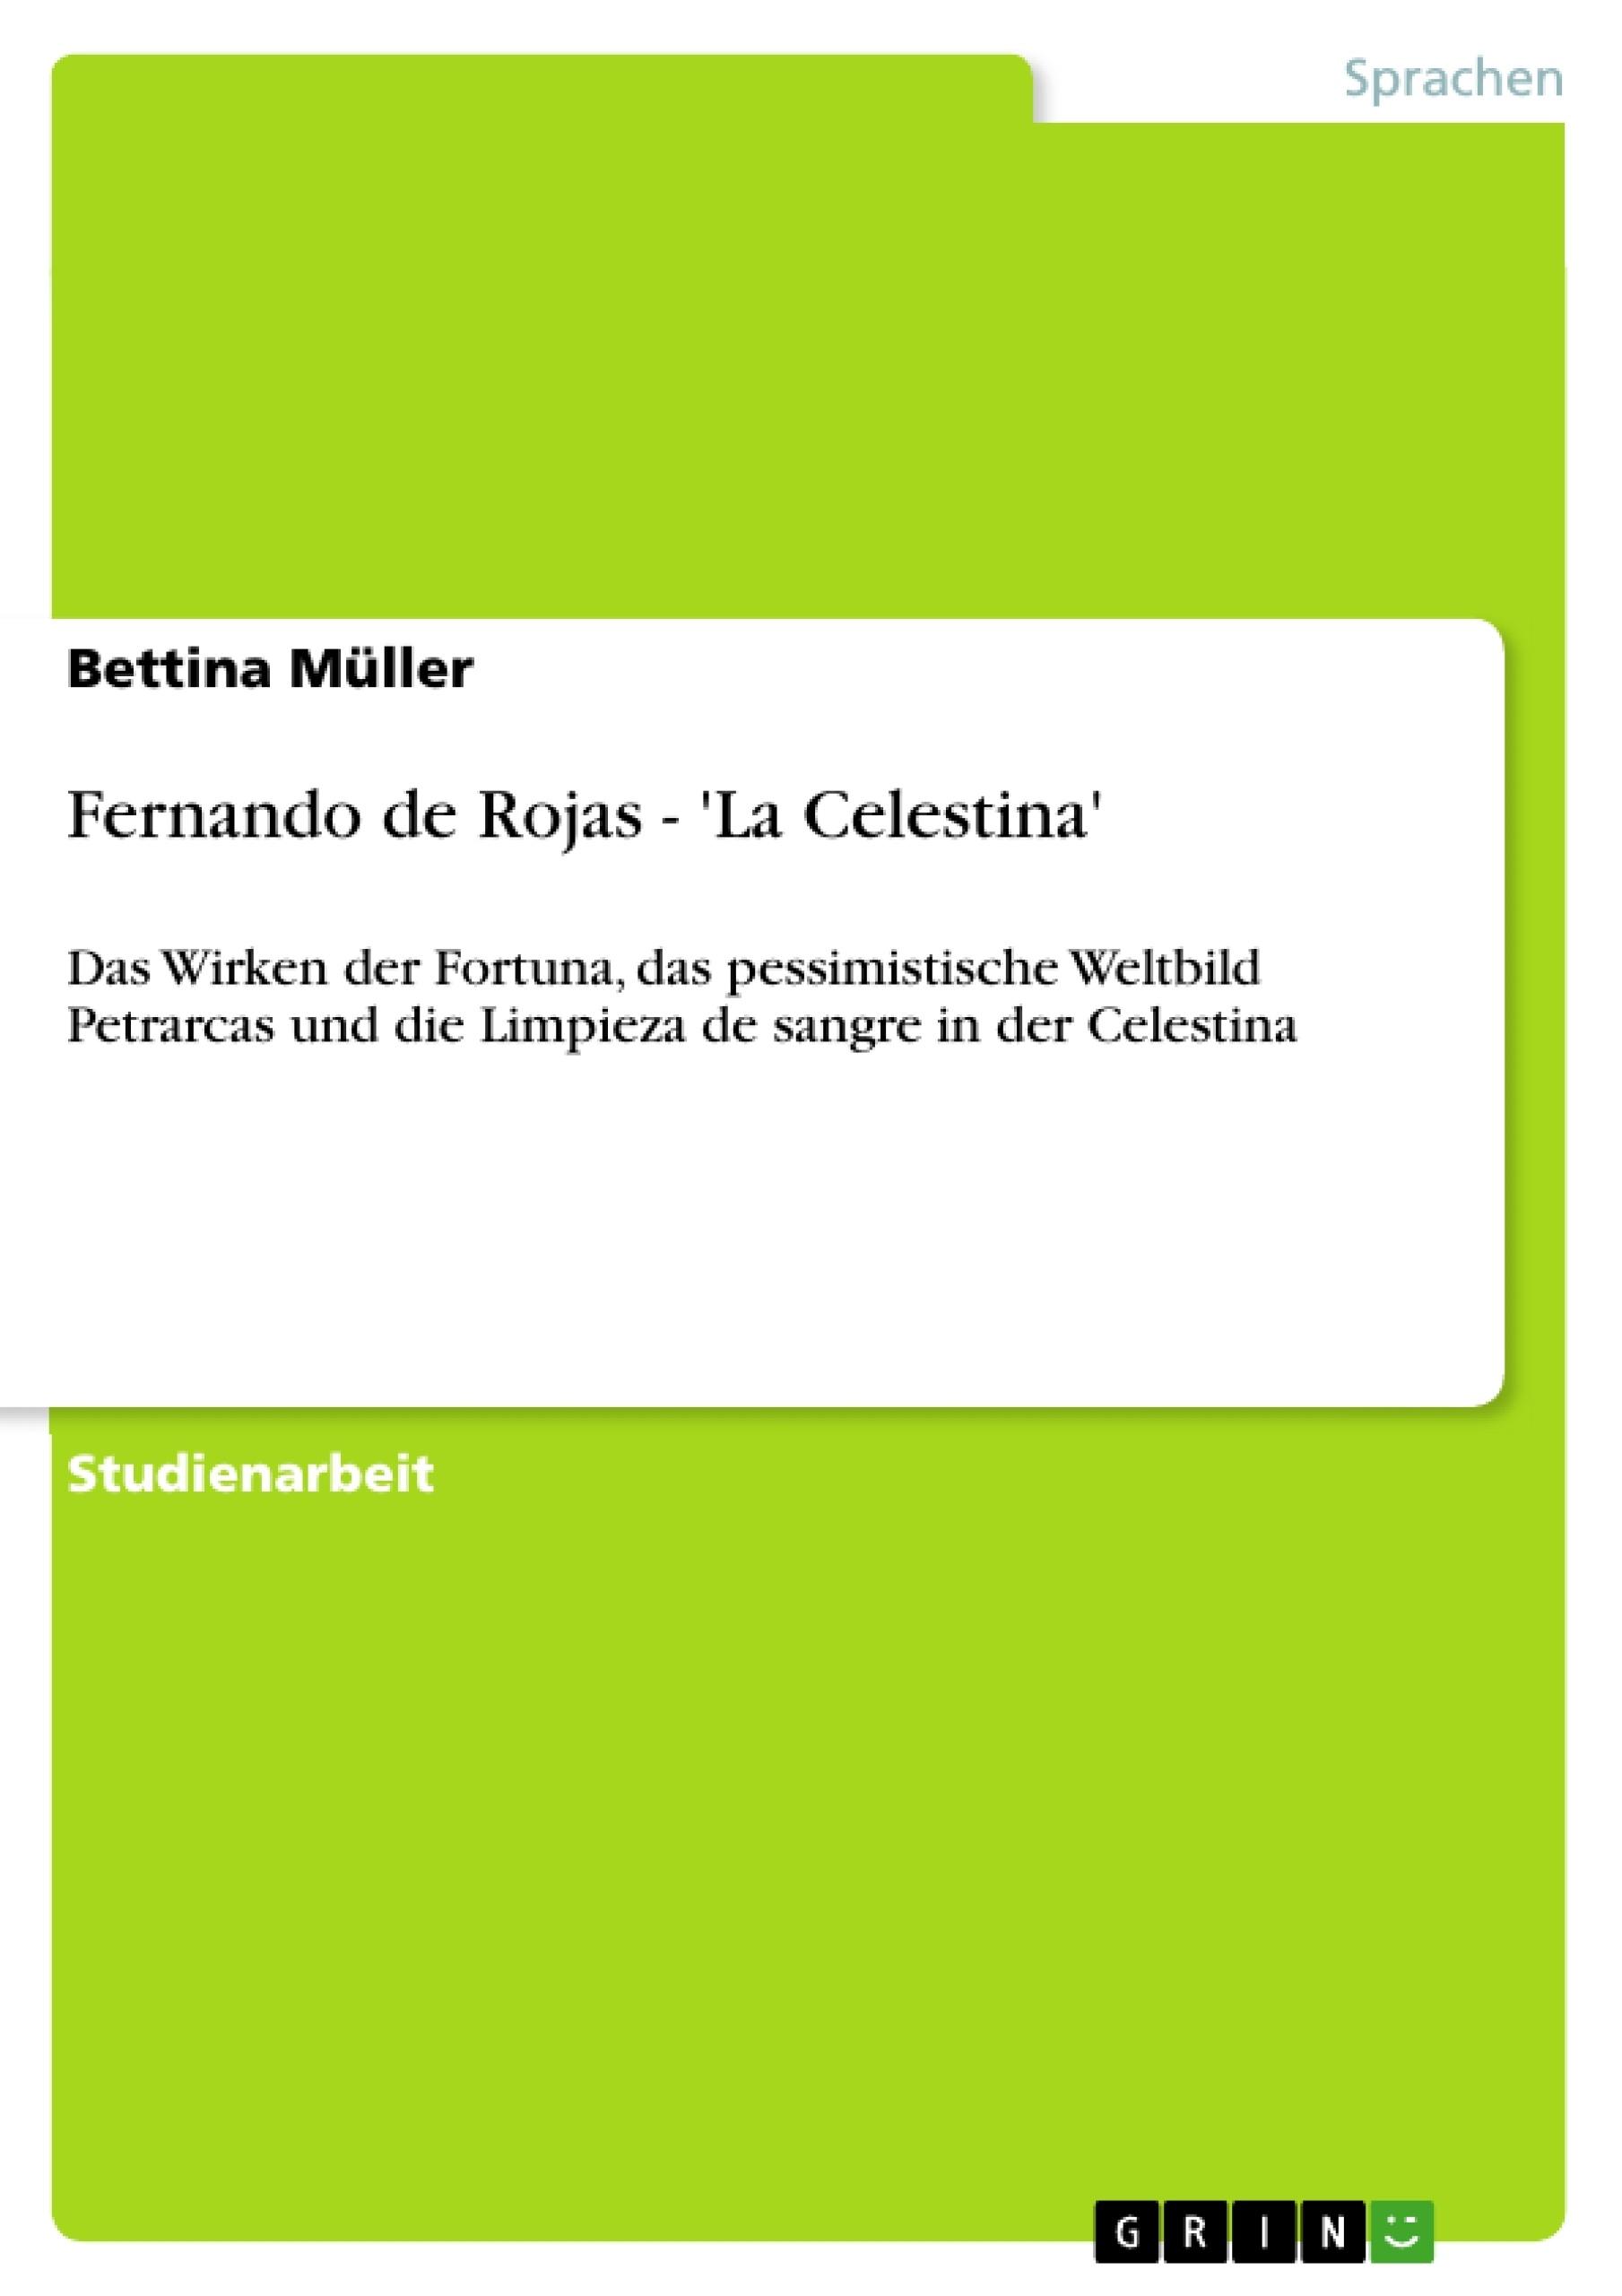 Titel: Fernando de Rojas - 'La Celestina'